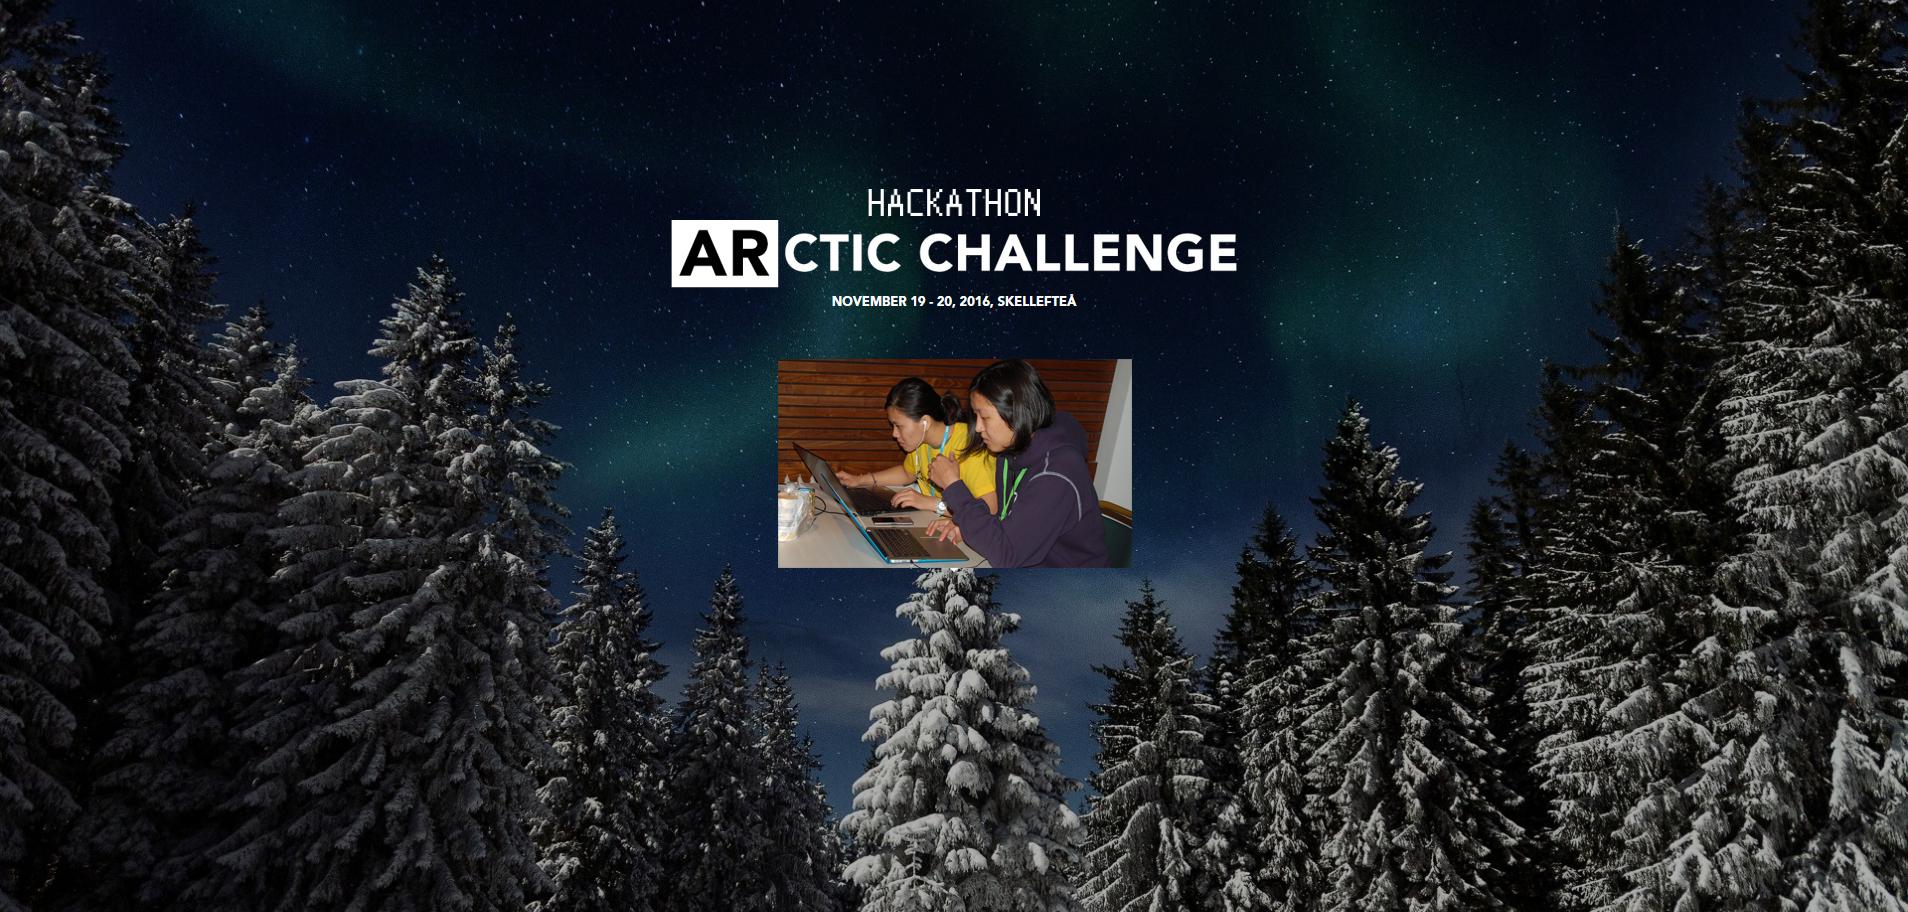 arcticchallenge_1